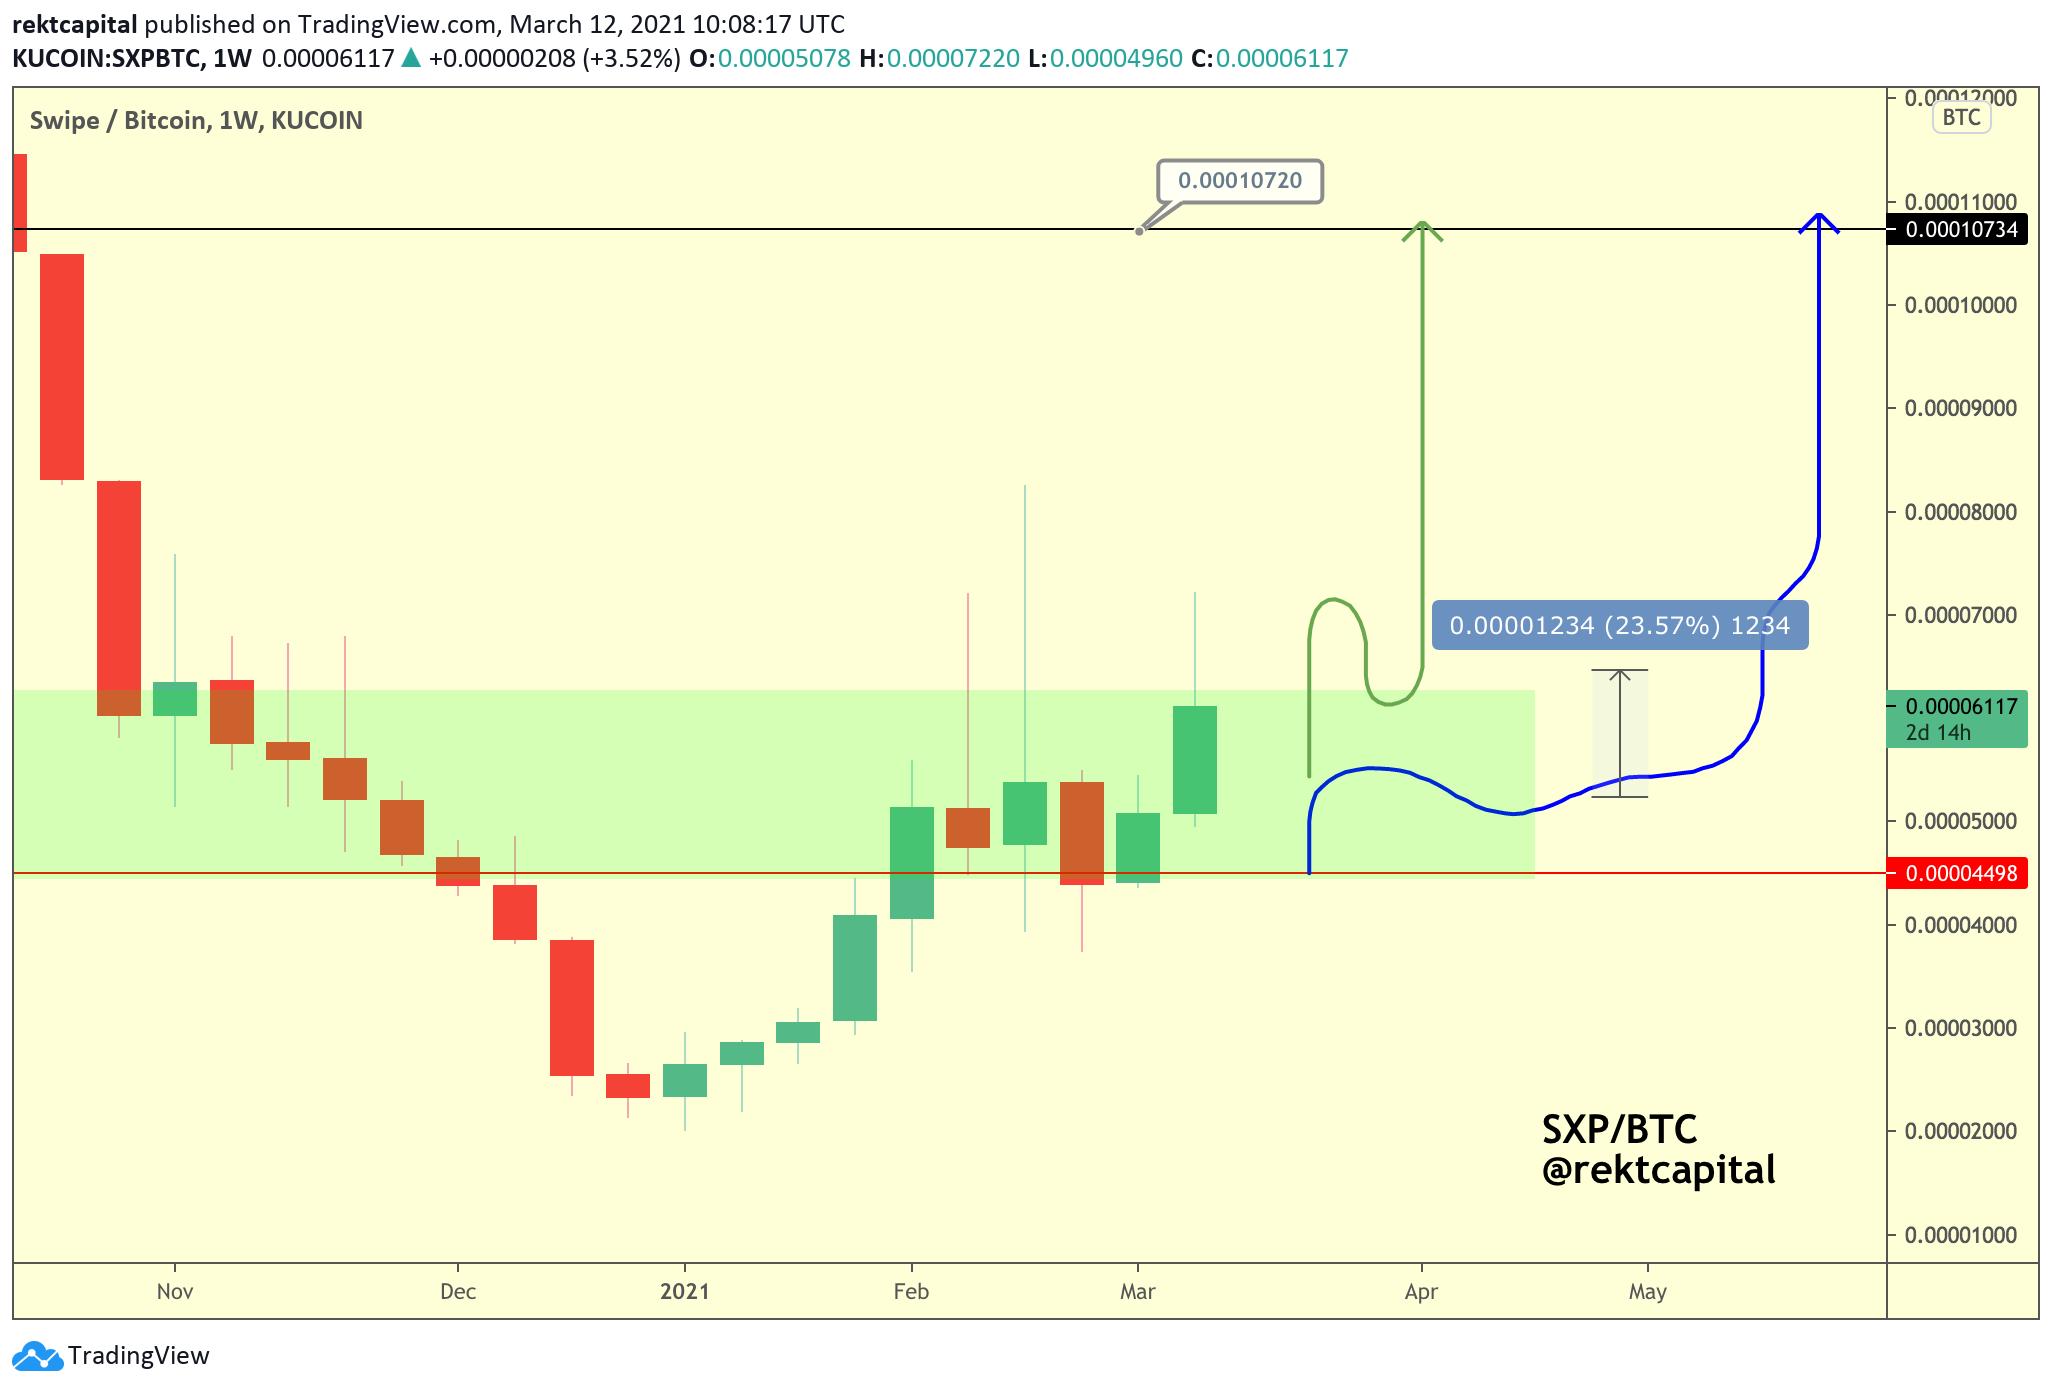 Análise da SXP e potencial valorização. Fonte: Rekt Capital/Twitter